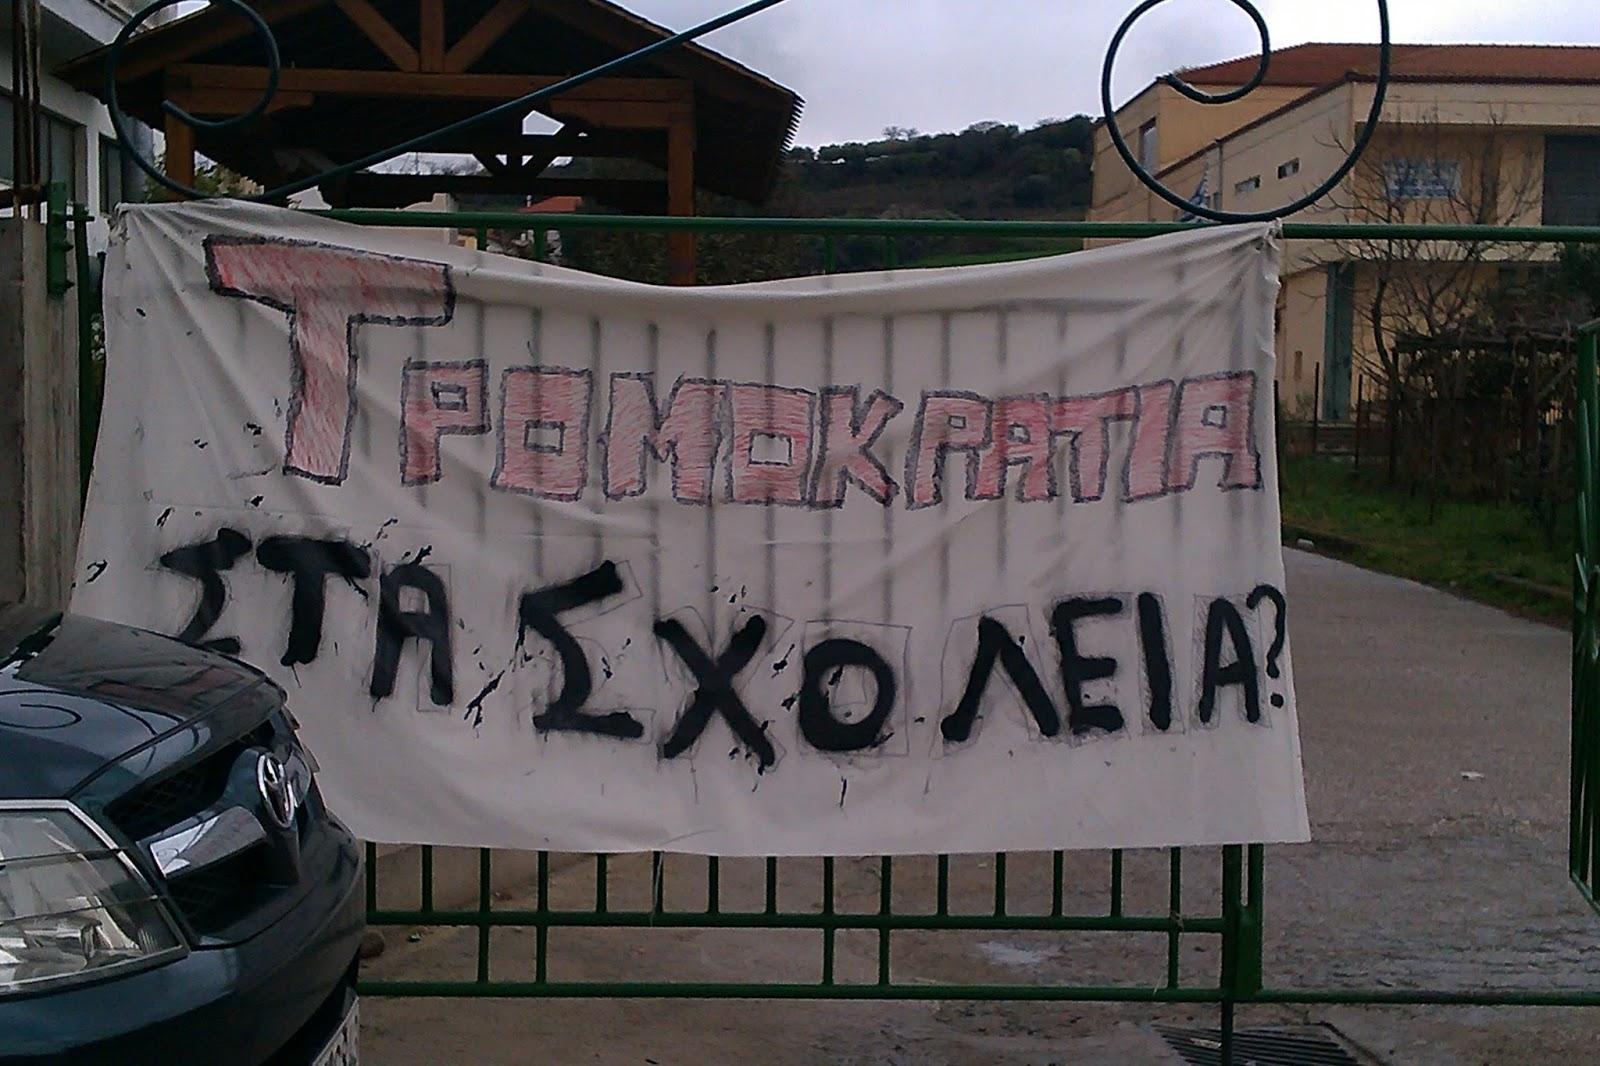 http://antigoldgreece.files.wordpress.com/2013/02/imag0450-1.jpg